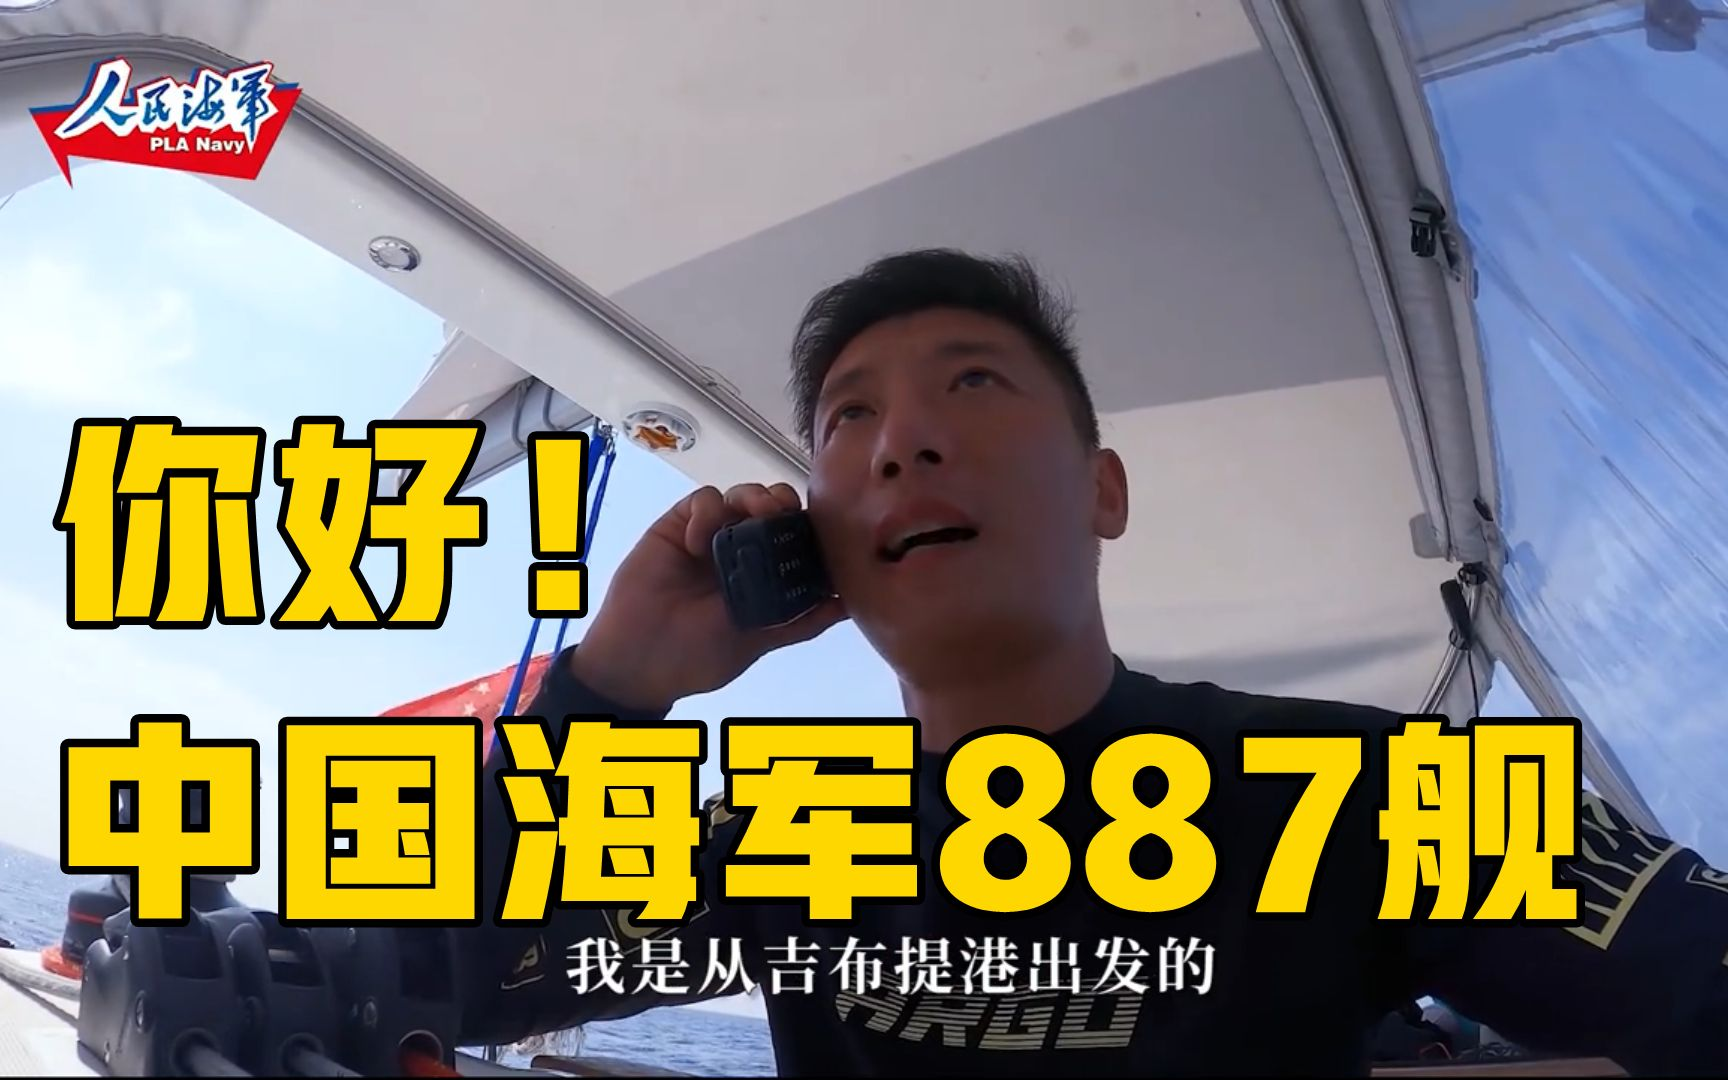 中国帆船亚丁湾巧遇祖国战舰 简单的对话 自豪感爆棚!